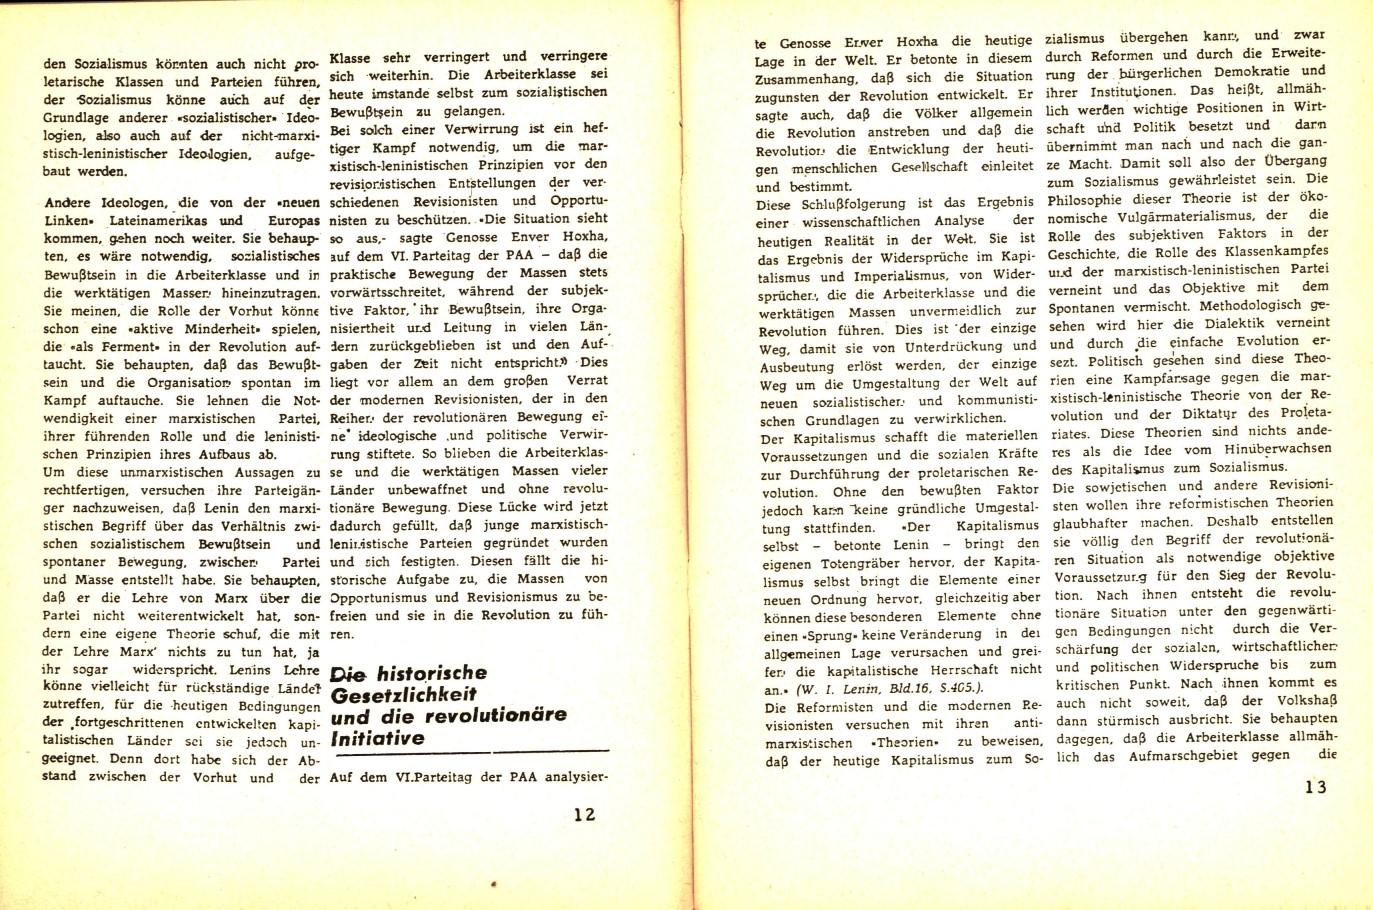 KPDAO_1974_30_Jahre_Befreiung_Albaniens_07